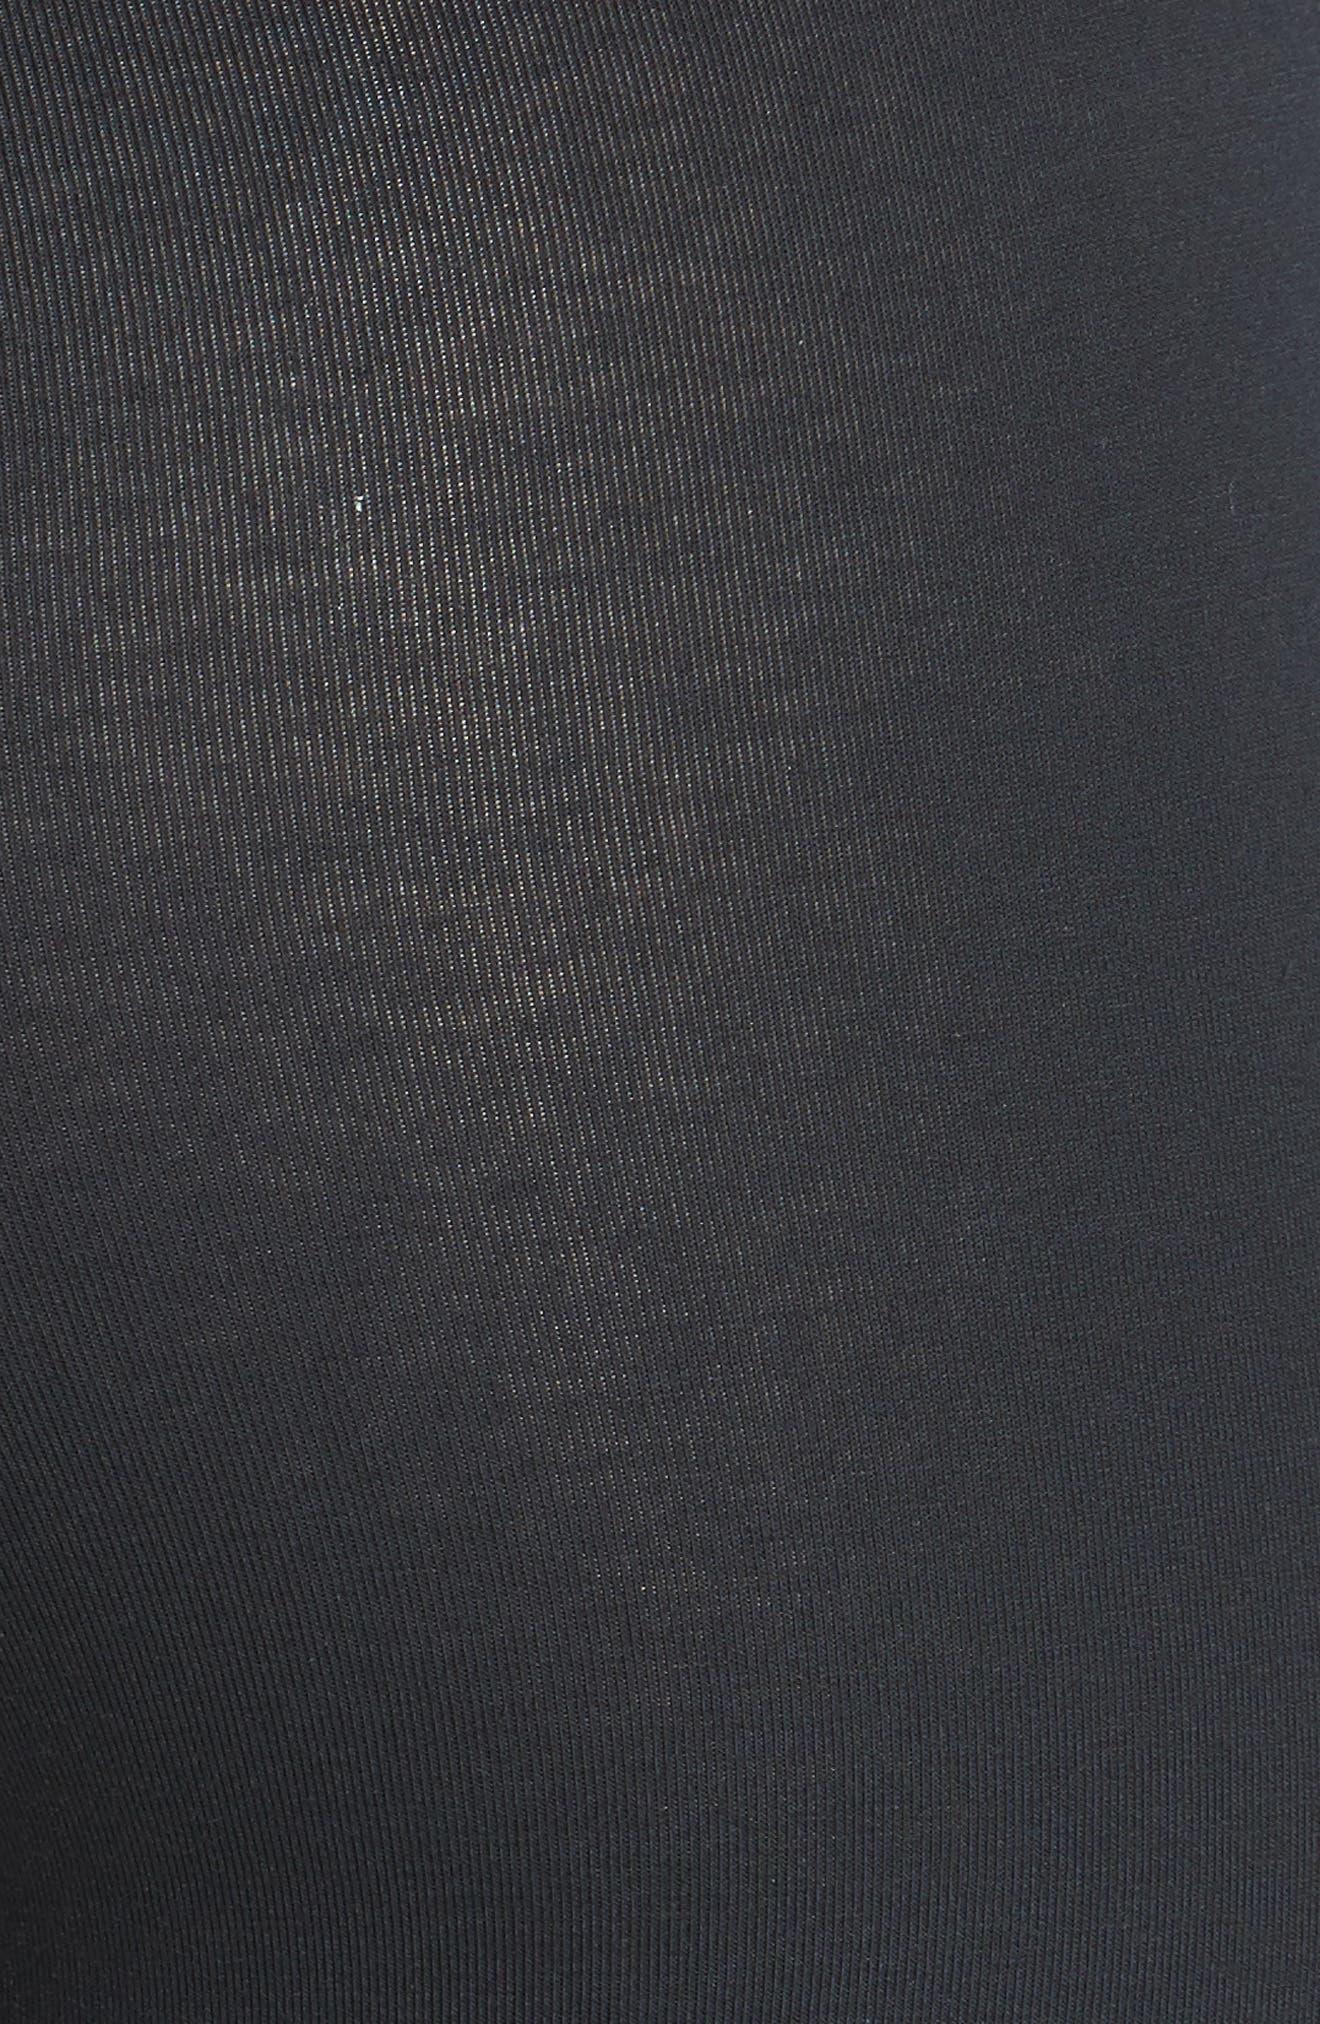 'Talia' Compact Cotton Blend Capris,                             Alternate thumbnail 3, color,                             001